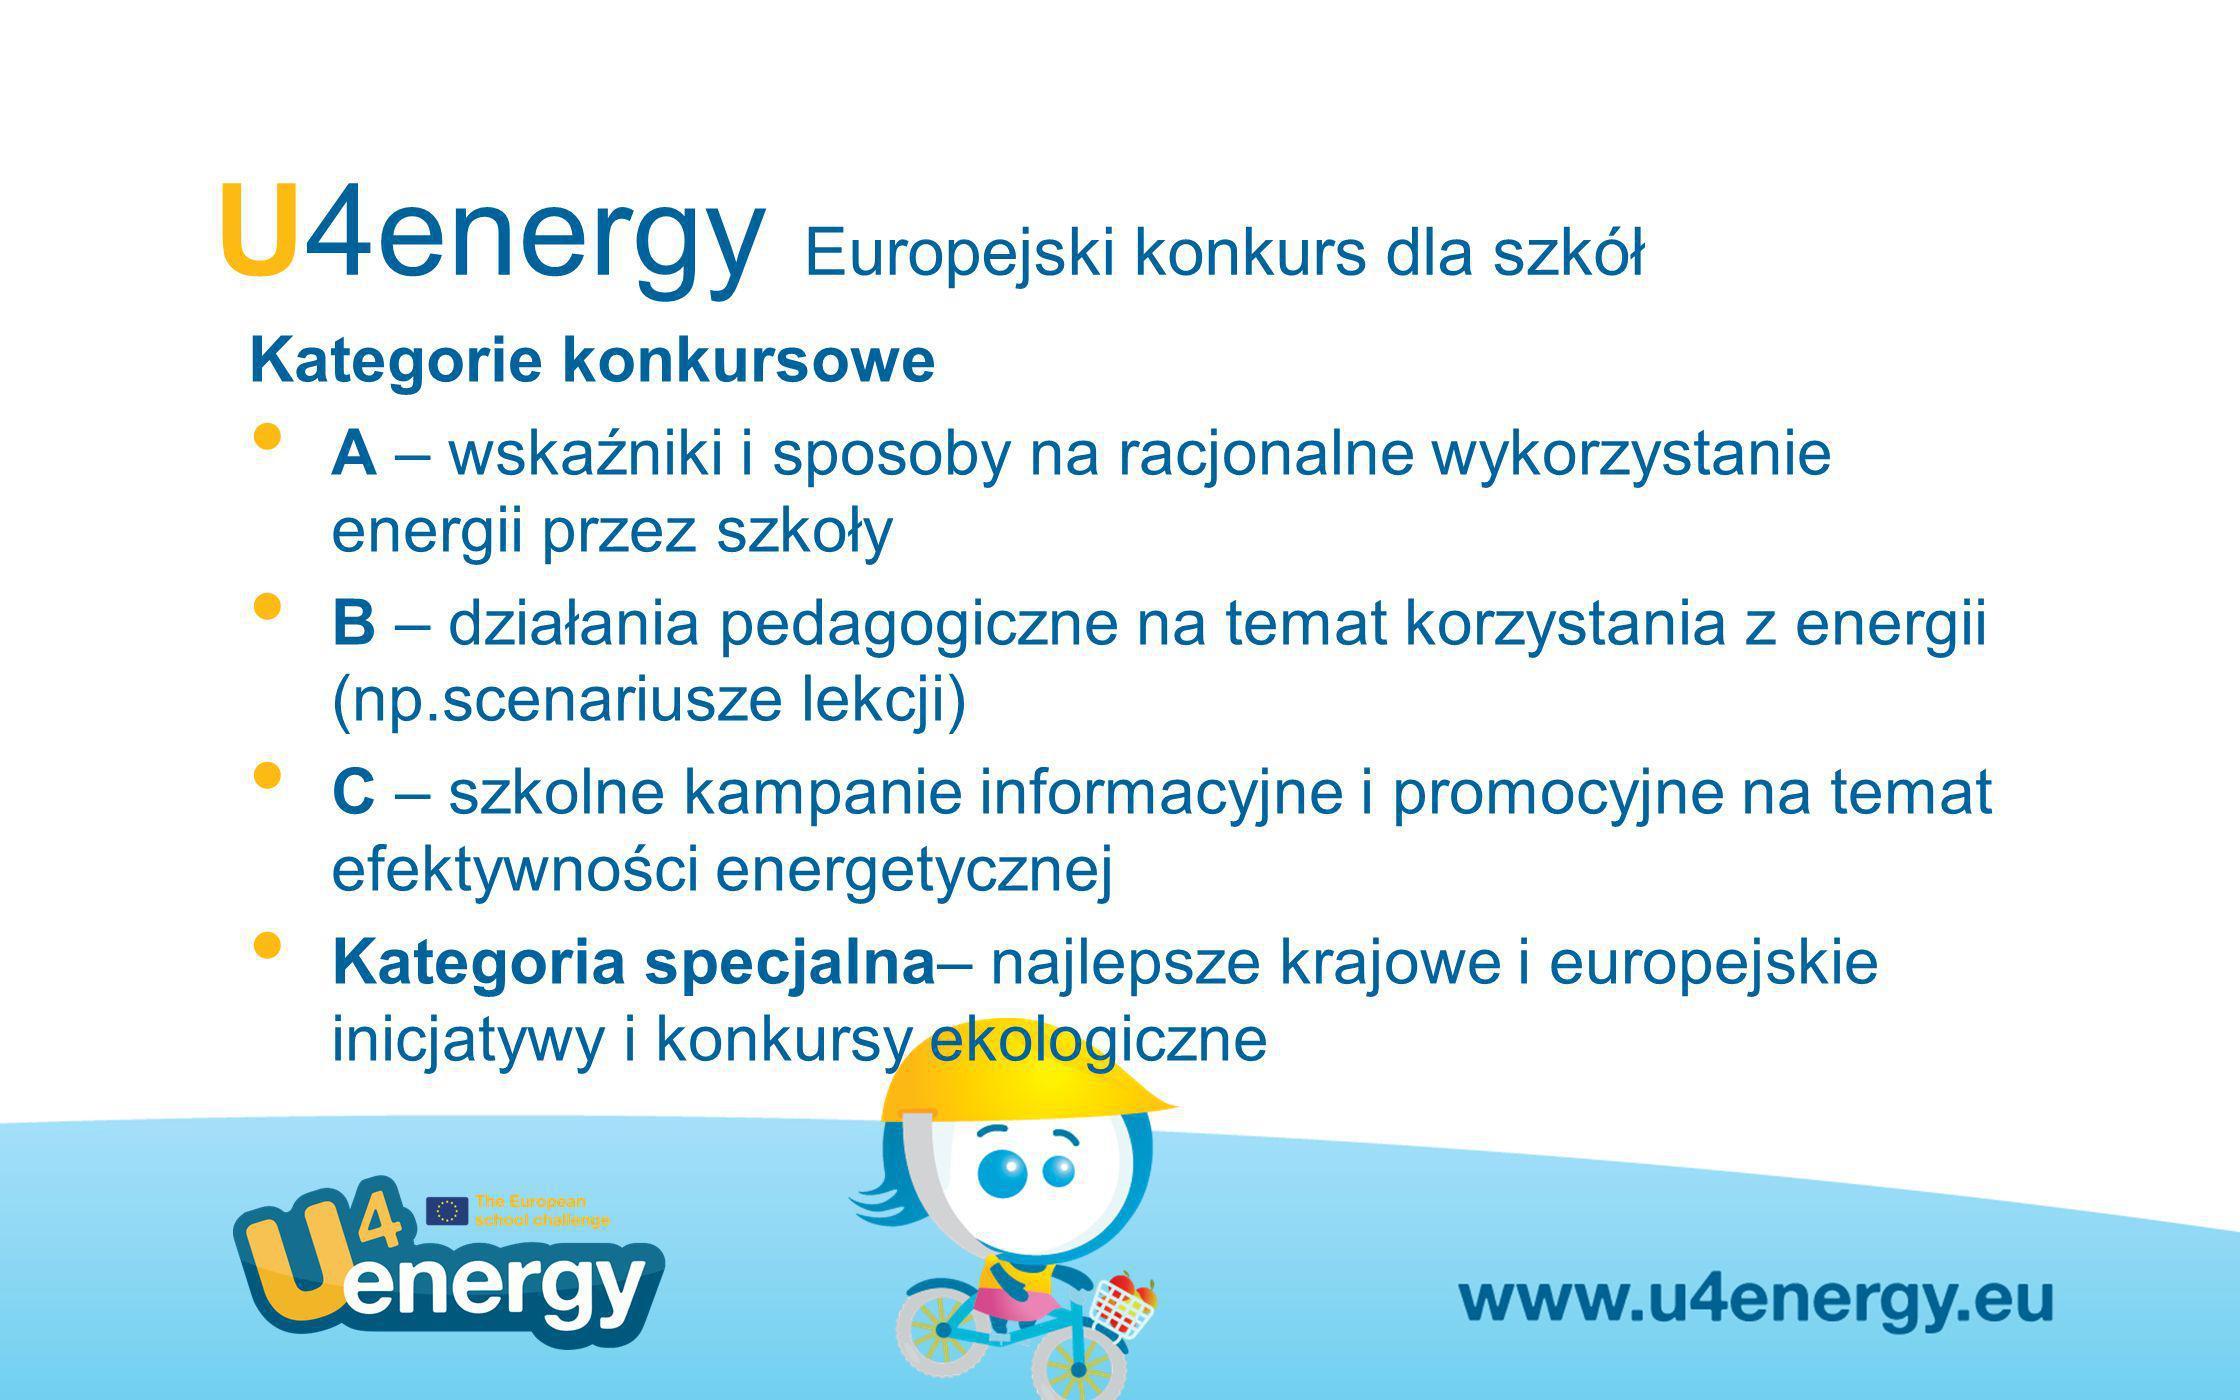 U4energy Europejski konkurs dla szkół Kategorie konkursowe A – wskaźniki i sposoby na racjonalne wykorzystanie energii przez szkoły B – działania peda